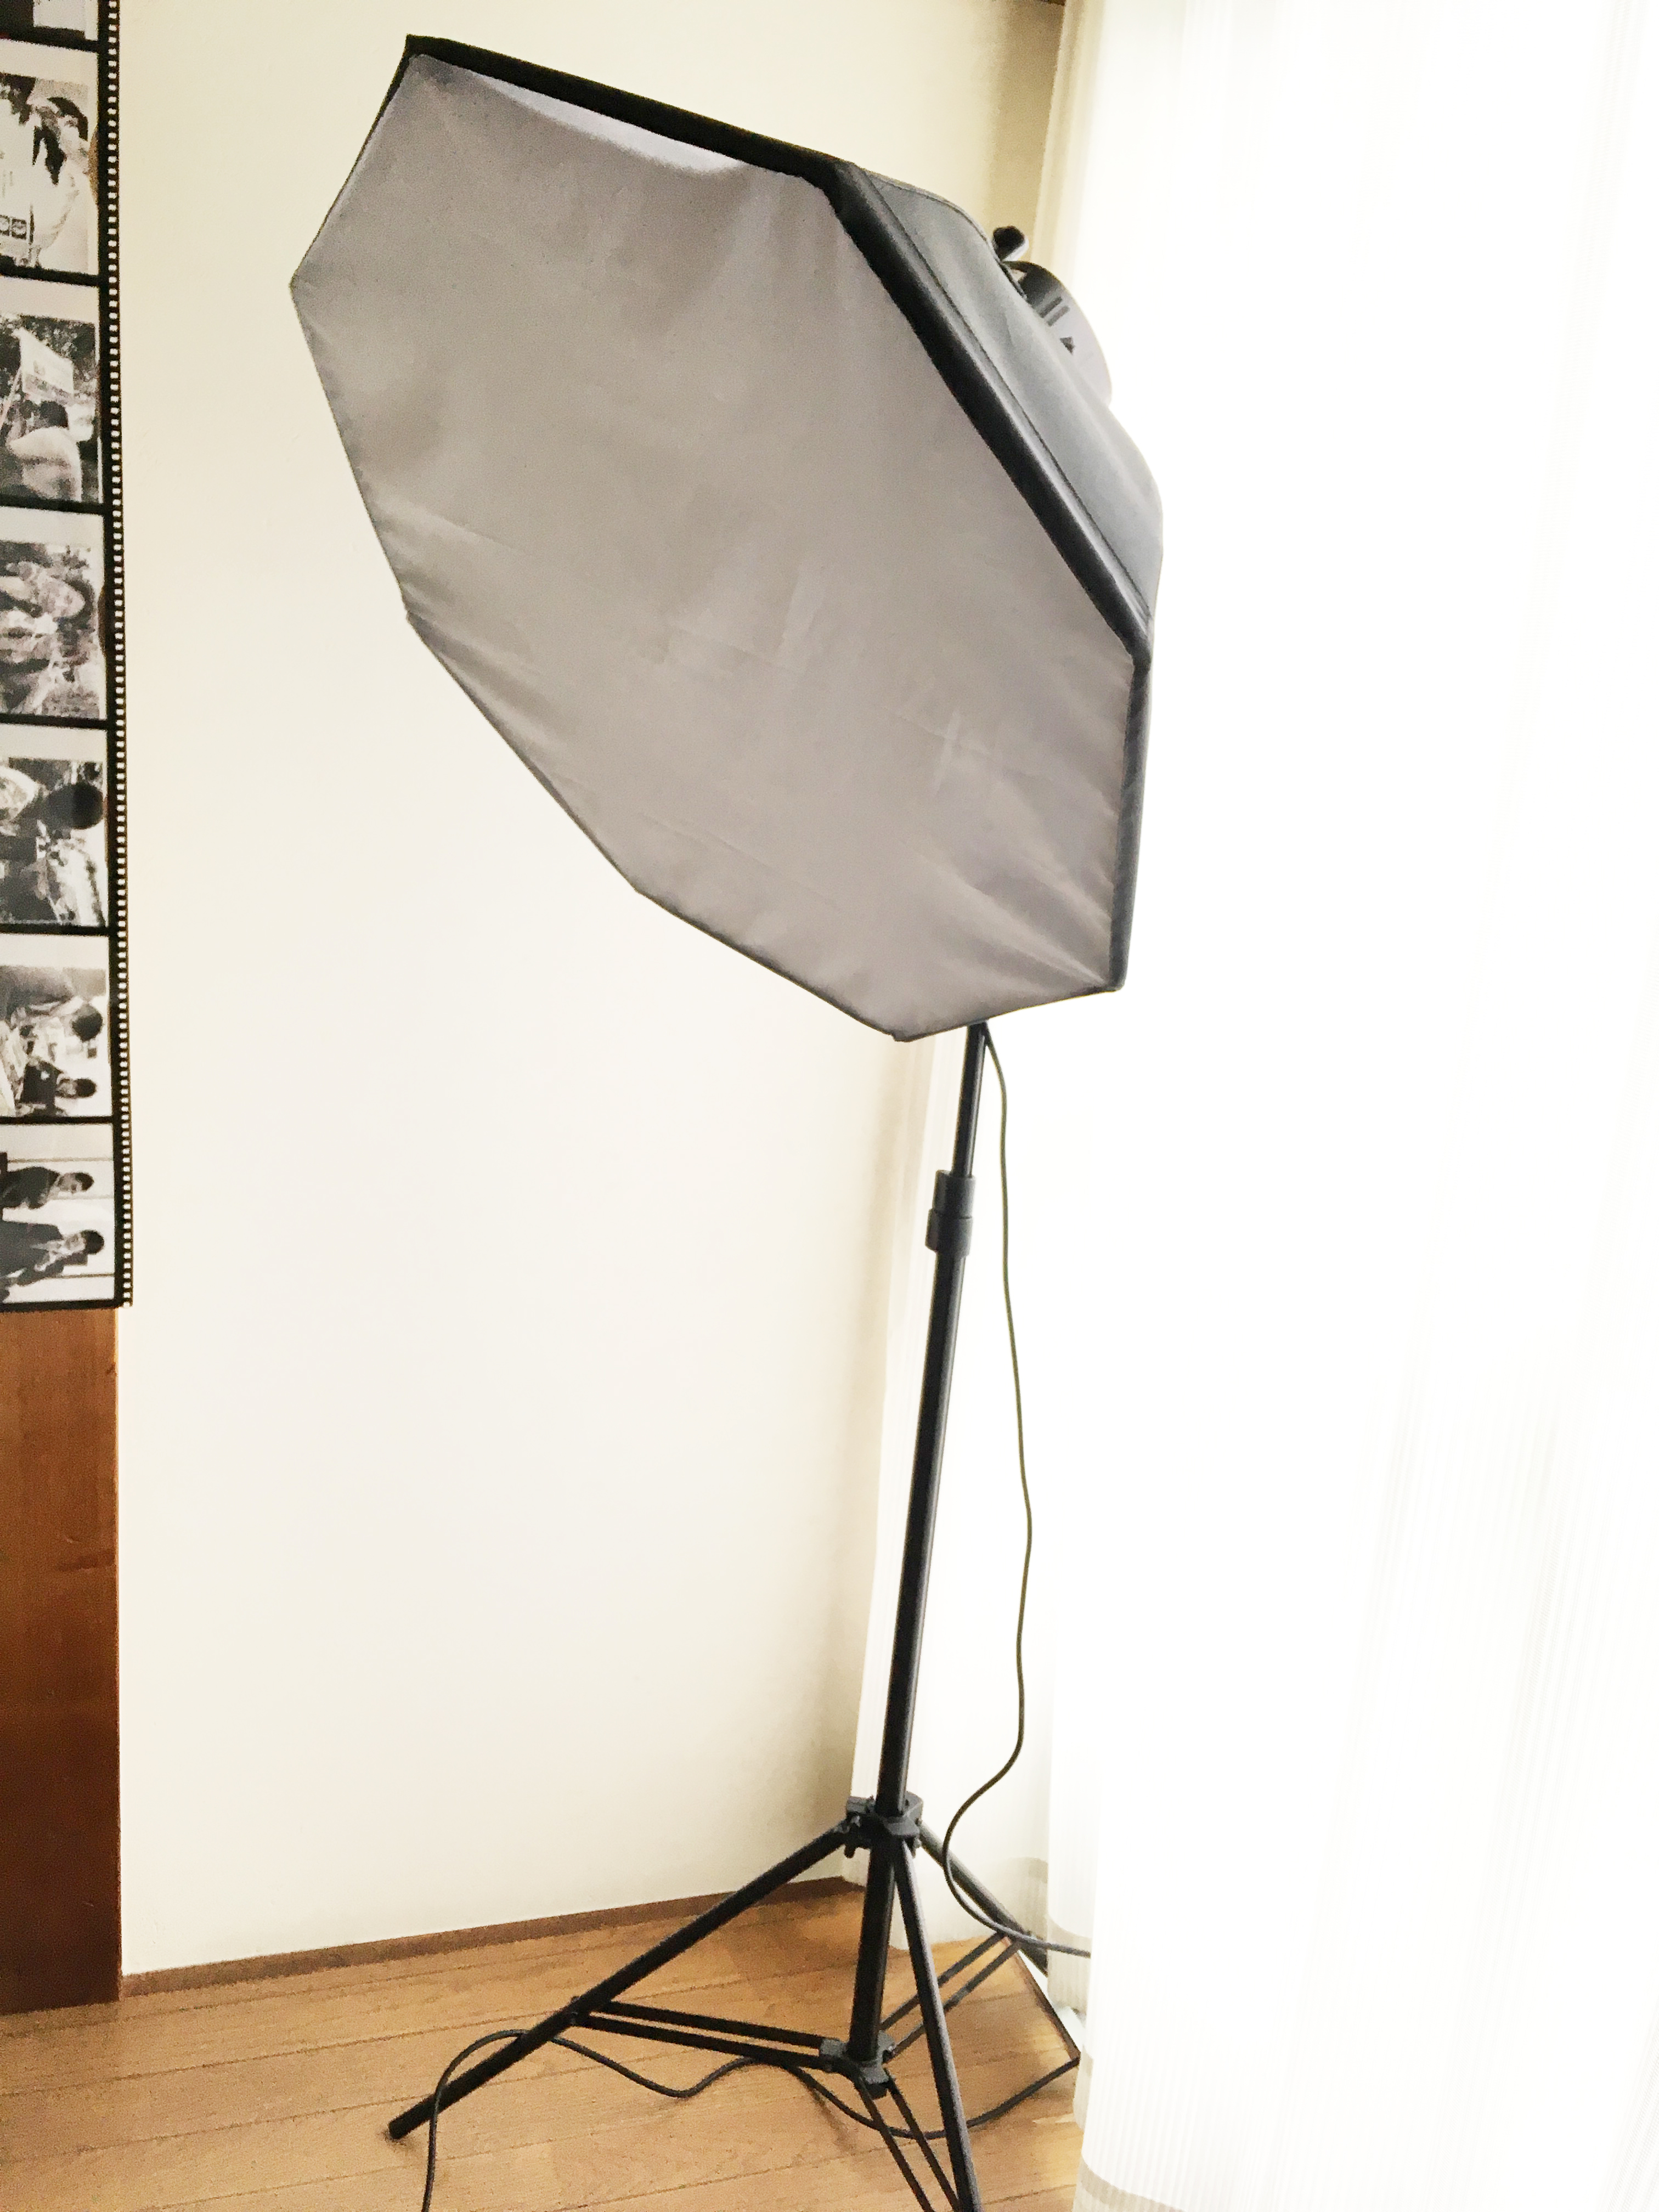 写真撮影用スタンドライトレンタルします